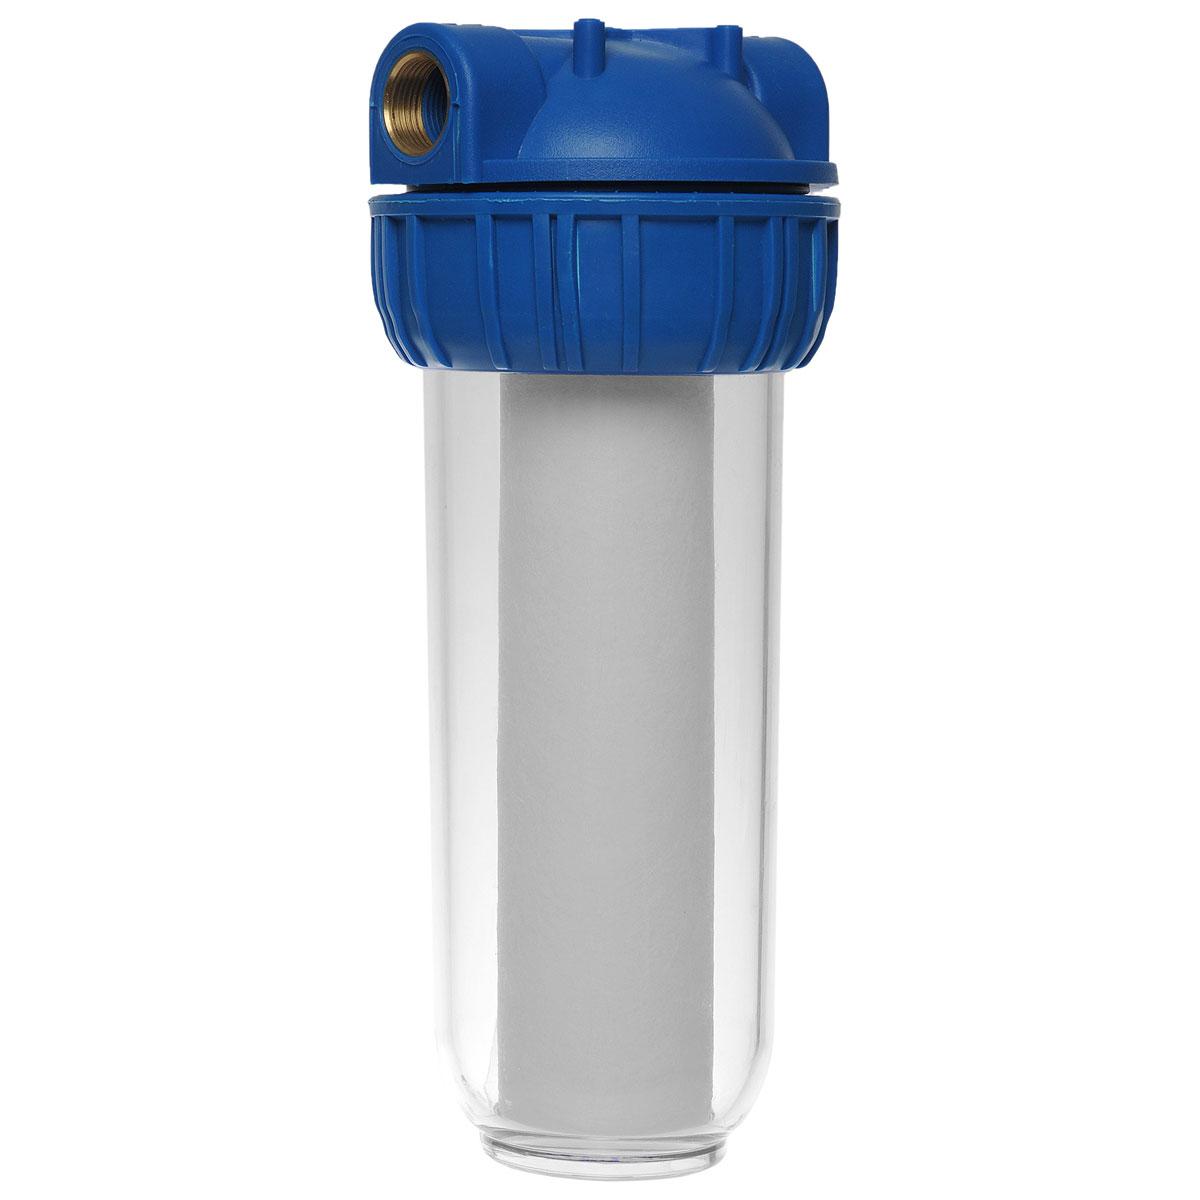 Фильтр для воды ЭкоДоктор 1Л, 3/4111010Фильтр ЭкоДоктор предназначен для тонкой очистки воды от механических частиц, удаления песка, ржавчины и улучшения показателей мутности и цветности воды. Он имеет увеличенный ресурс и степень очистки. Собран из импортных высококачественных комплектующих. Колба имеет прозрачный корпус из прочного пластика и одинарное уплотнительное кольцо. В комплект фильтра входят колба, картридж, кронштейн для крепления на стену, ключ для замены картриджей, инструкция по эксплуатации.Характеристики: Типоразмер: 10 SL. Высота корпуса 31 см. Подключение: 3/4. Рабочее давление воды: до 8 Атм. Температура воды на входе: 1-40°С. Размер упаковки: 13 см х 15 см х 35 см. Артикул: 111010.